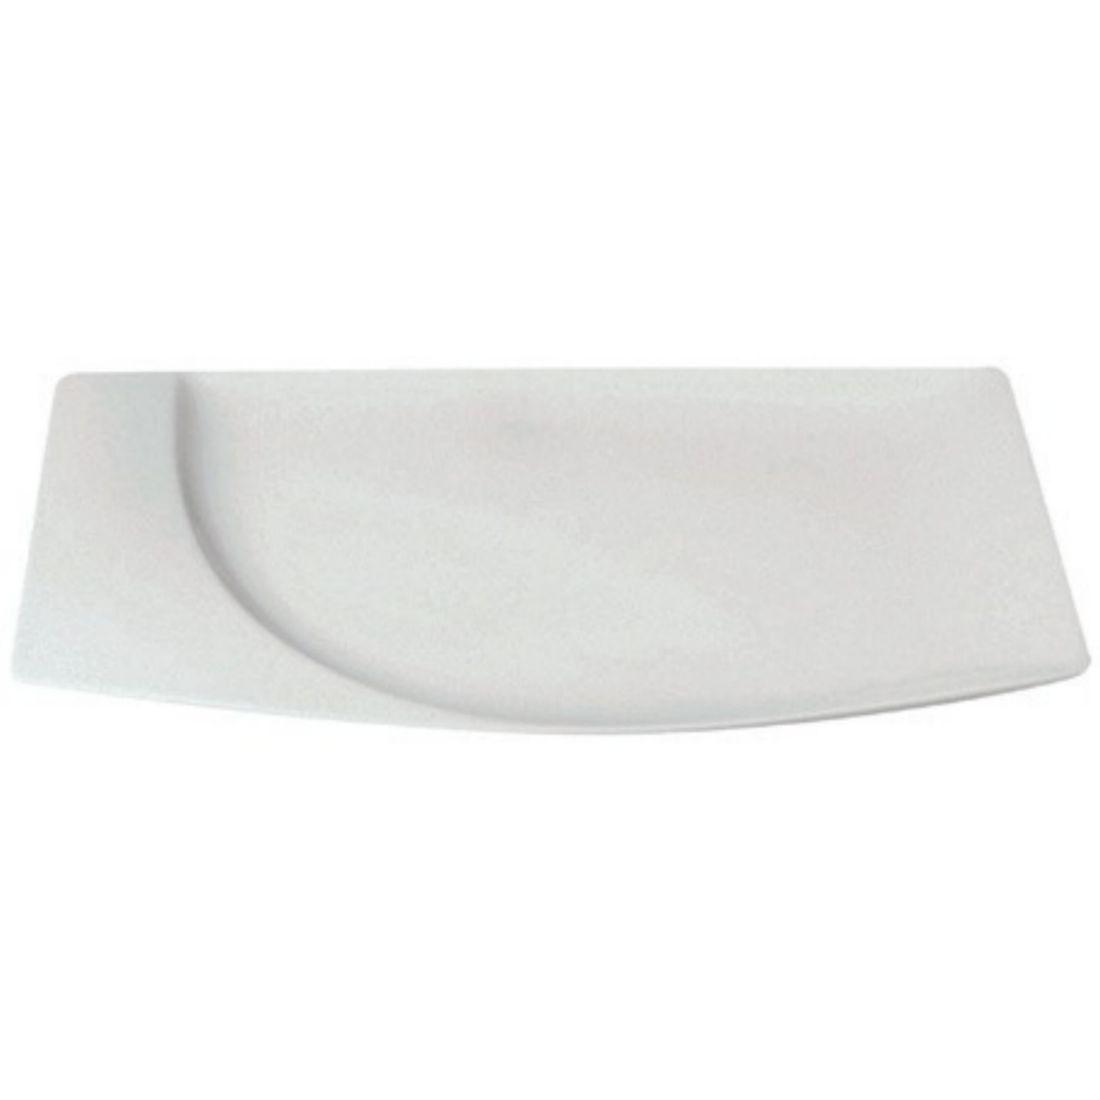 Mazza Talíř mělký obdélný 20 x 13 cm